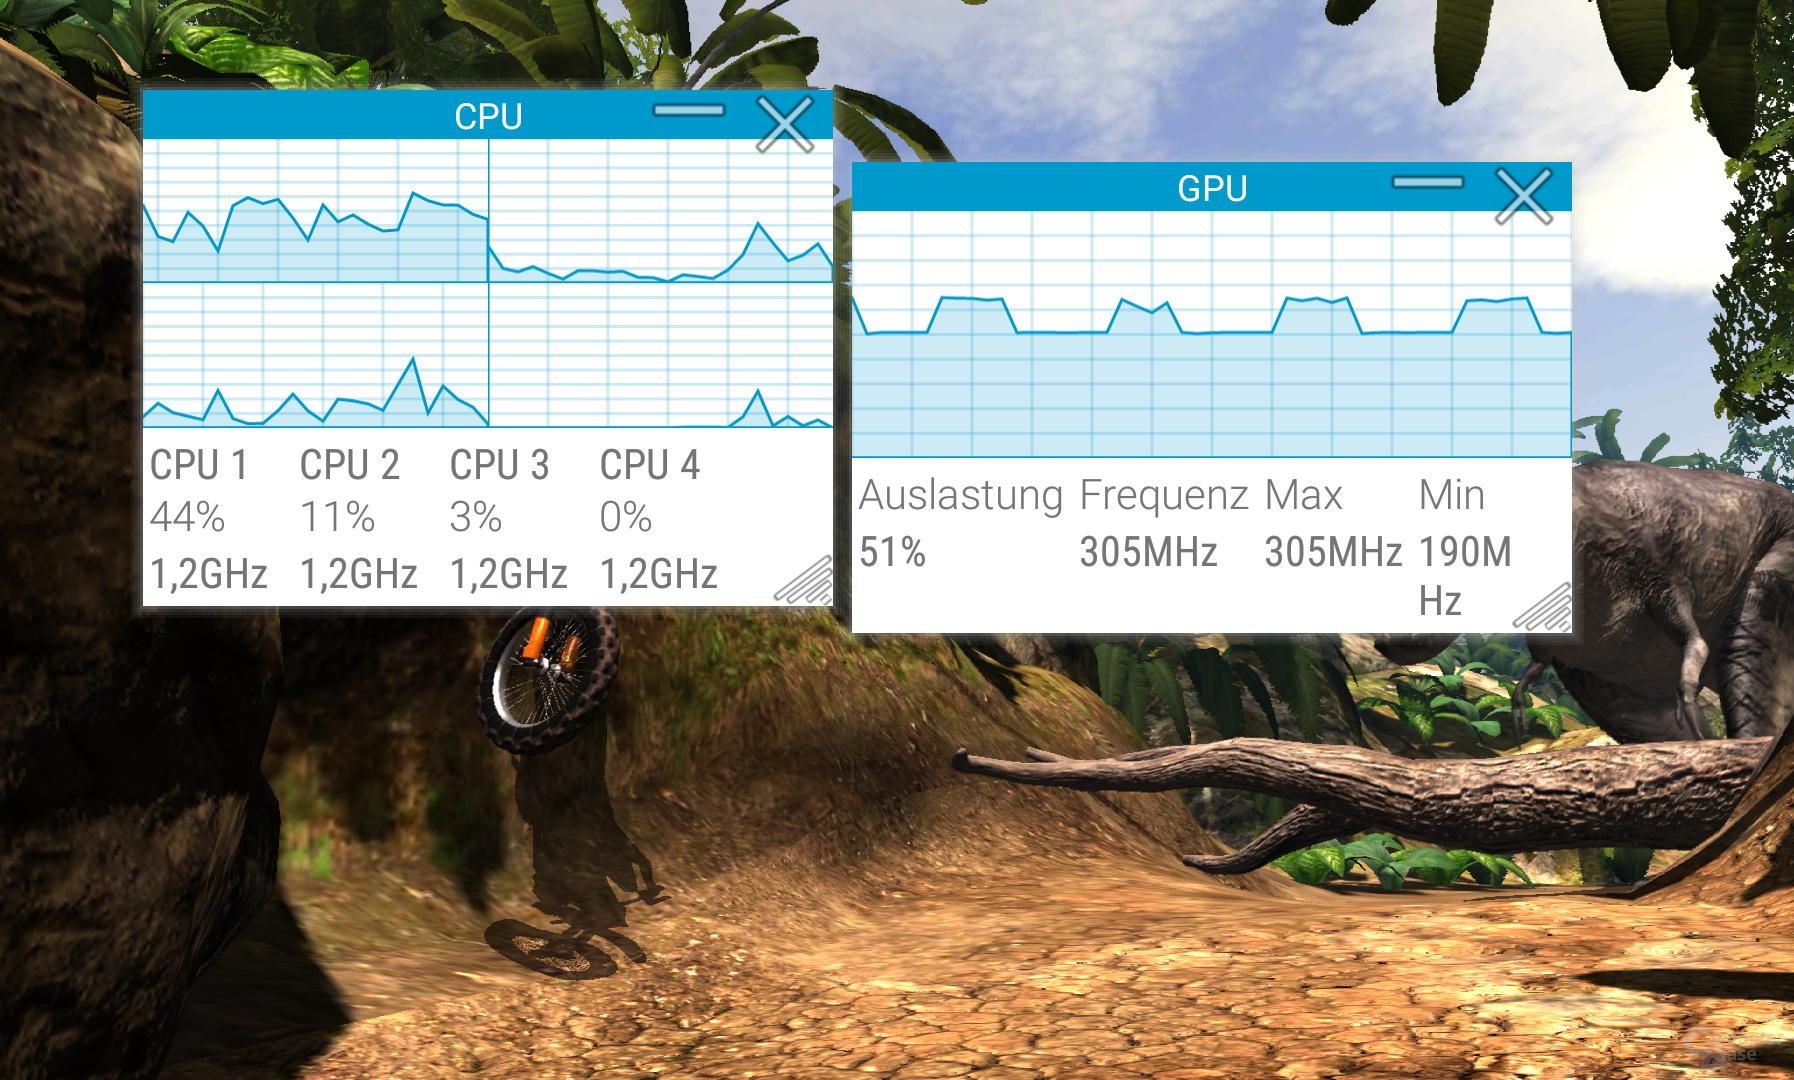 Im weiteren Verlauf liegt der Takt zwischen 390 und 305 MHz